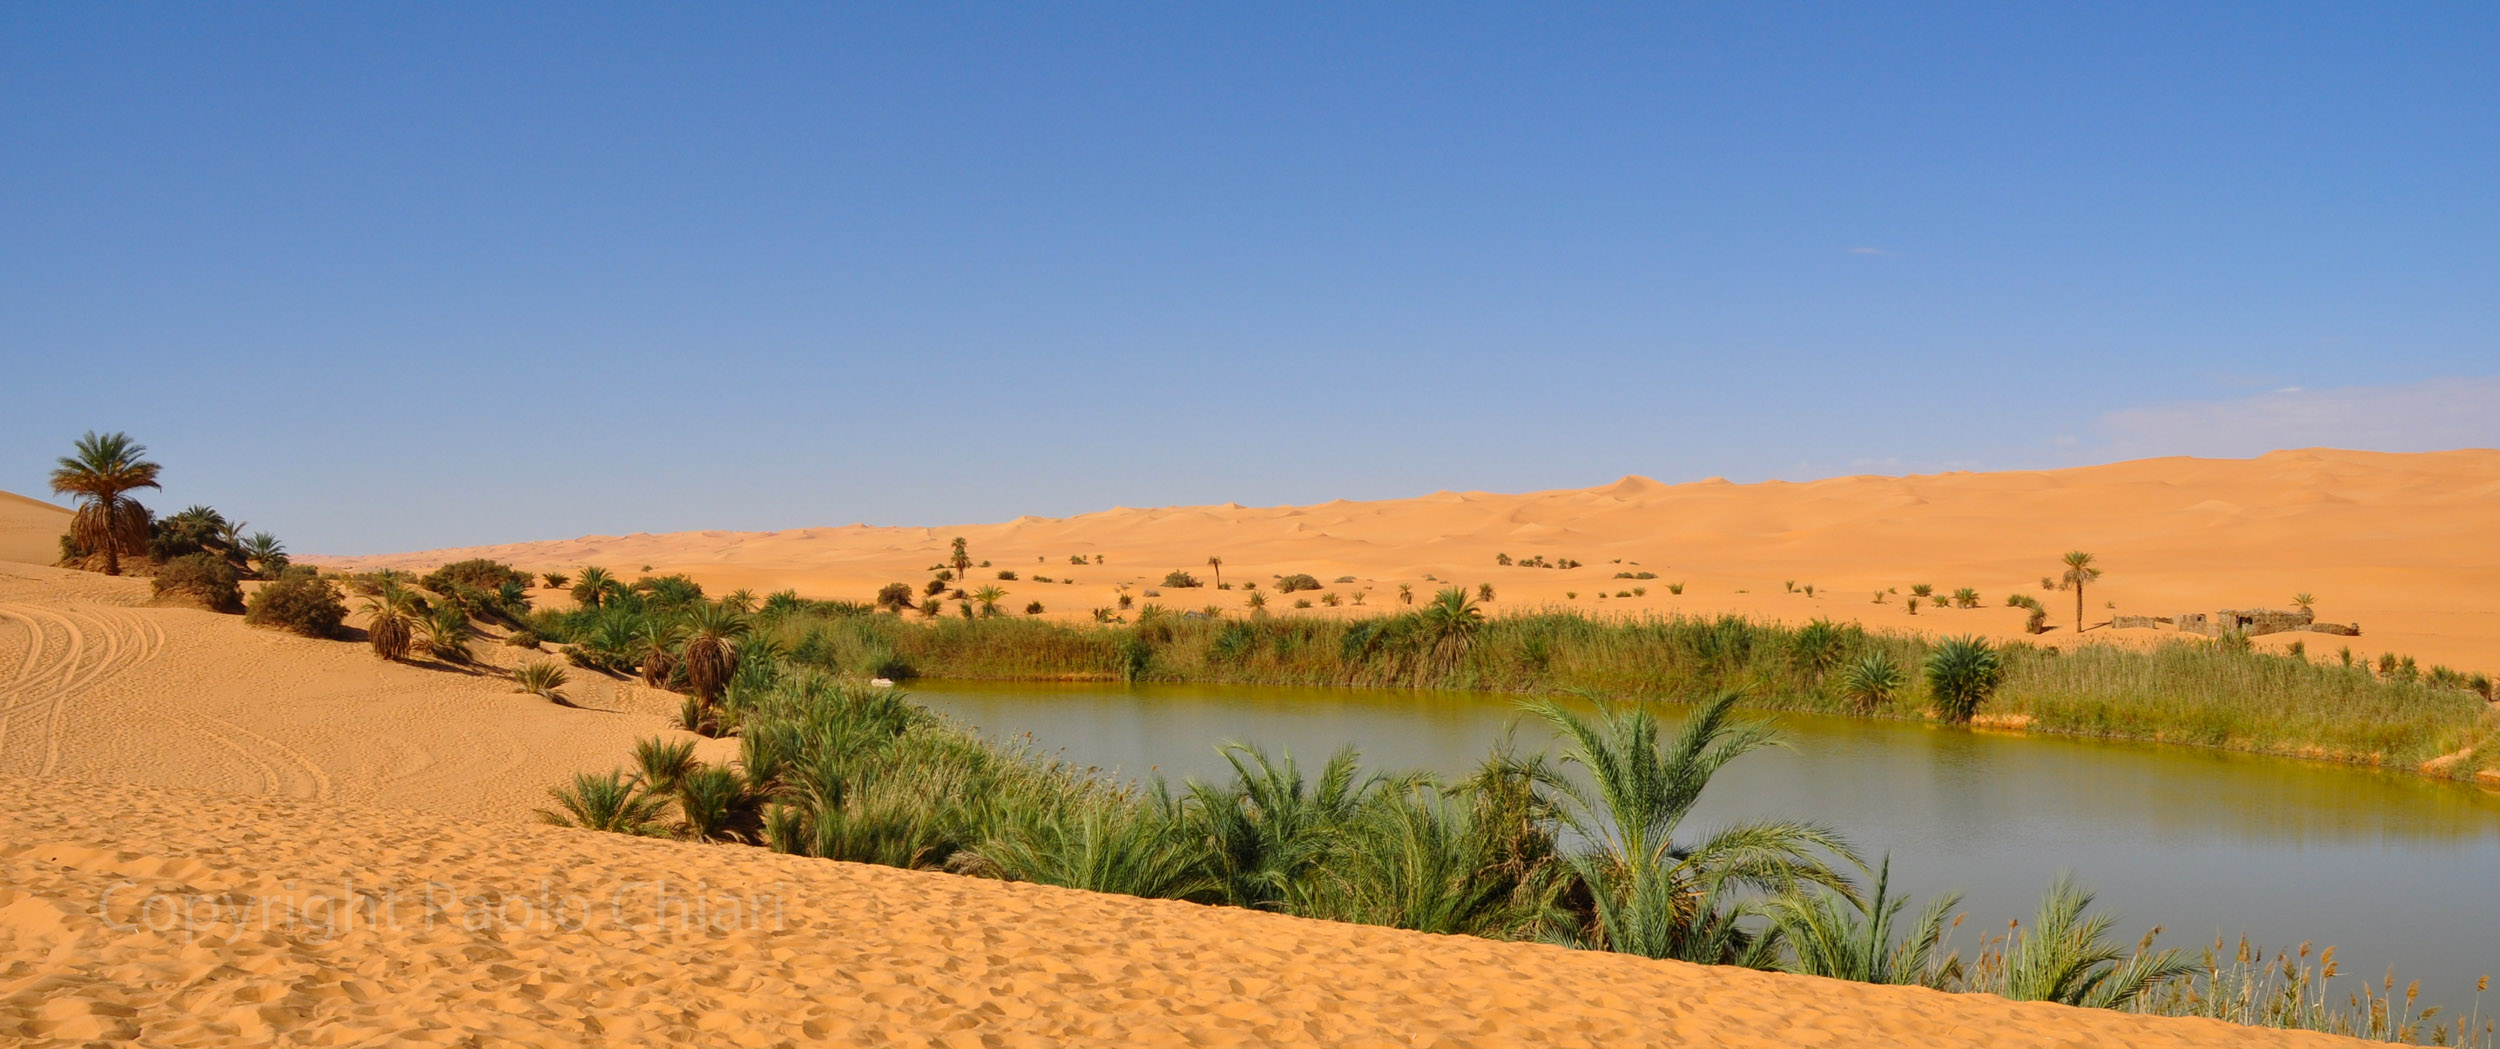 libia2010a_2100